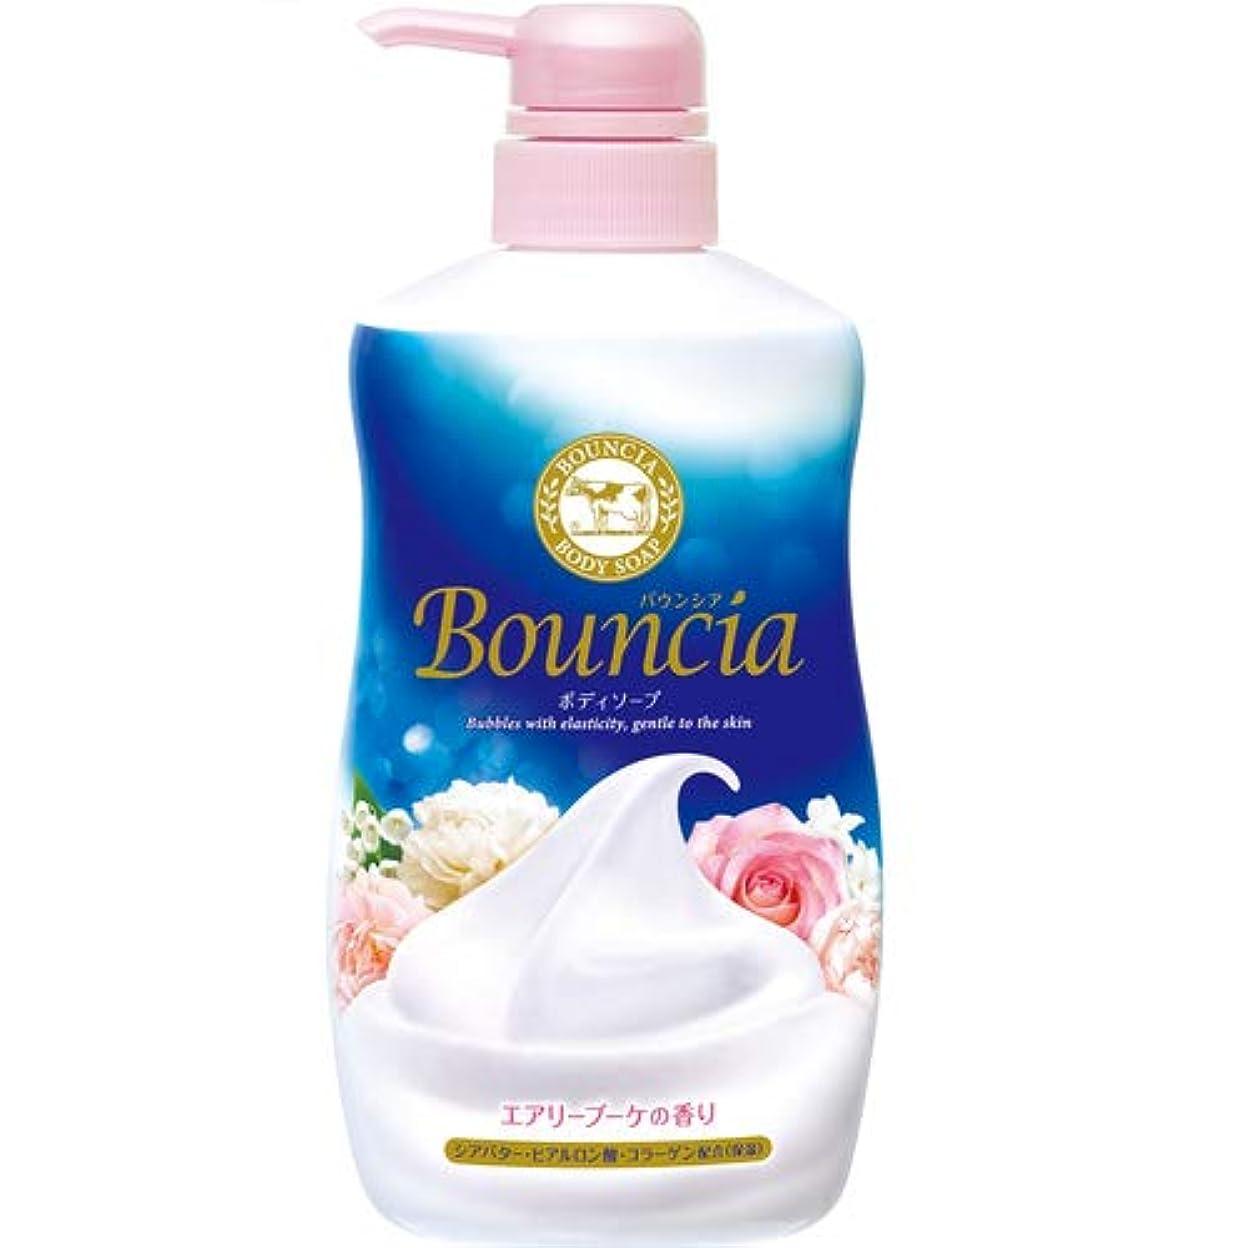 ペレグリネーションノイズフローティングバウンシア ボディソープ エアリーブーケの香り ポンプ付 500mL